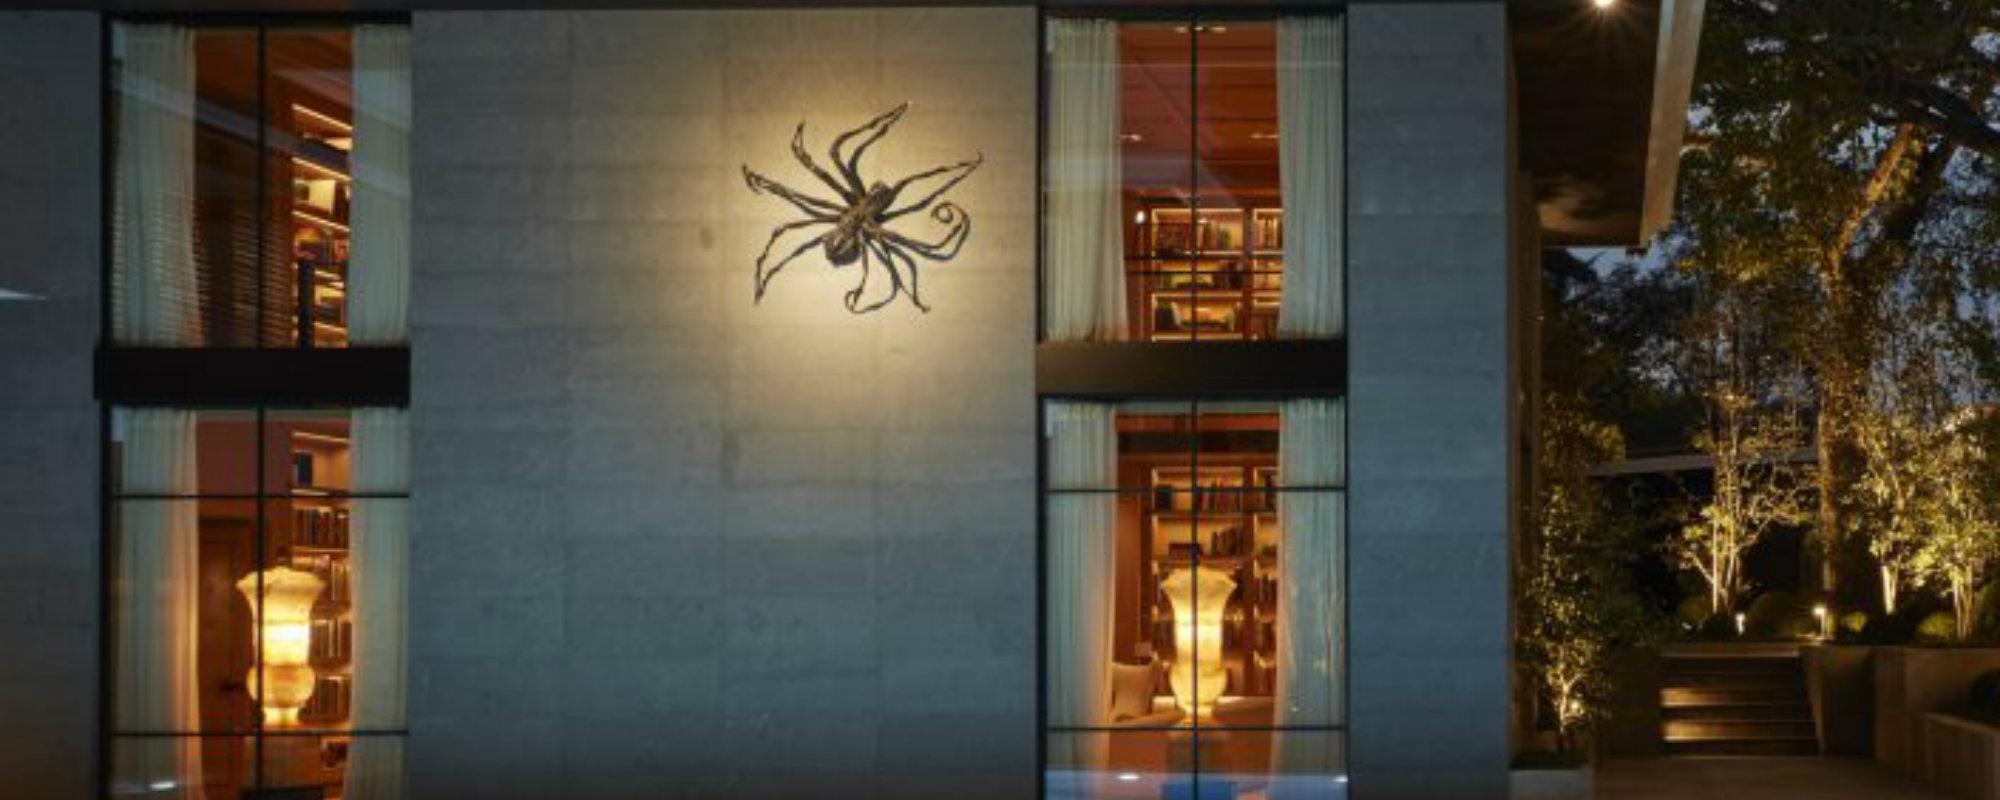 Luis Bustamante: Un estudio de interiorismo de lujo en Madrid